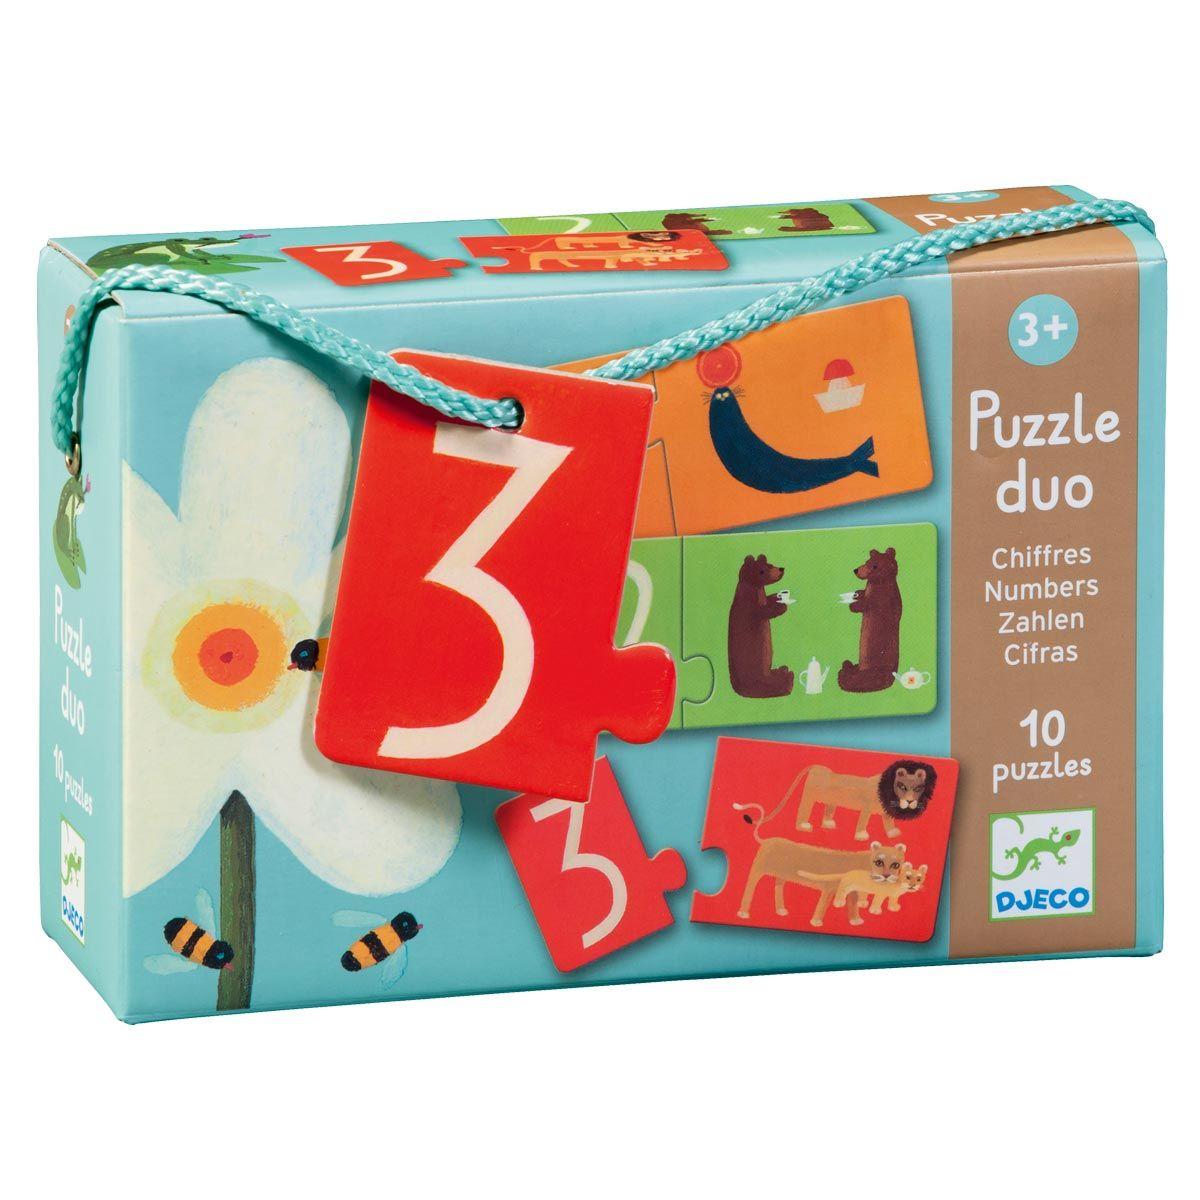 Puzzle Duo Chiffres Djeco Pour Enfant De 3 Ans À 5 Ans pour Jeux En Ligne Enfant 3 Ans